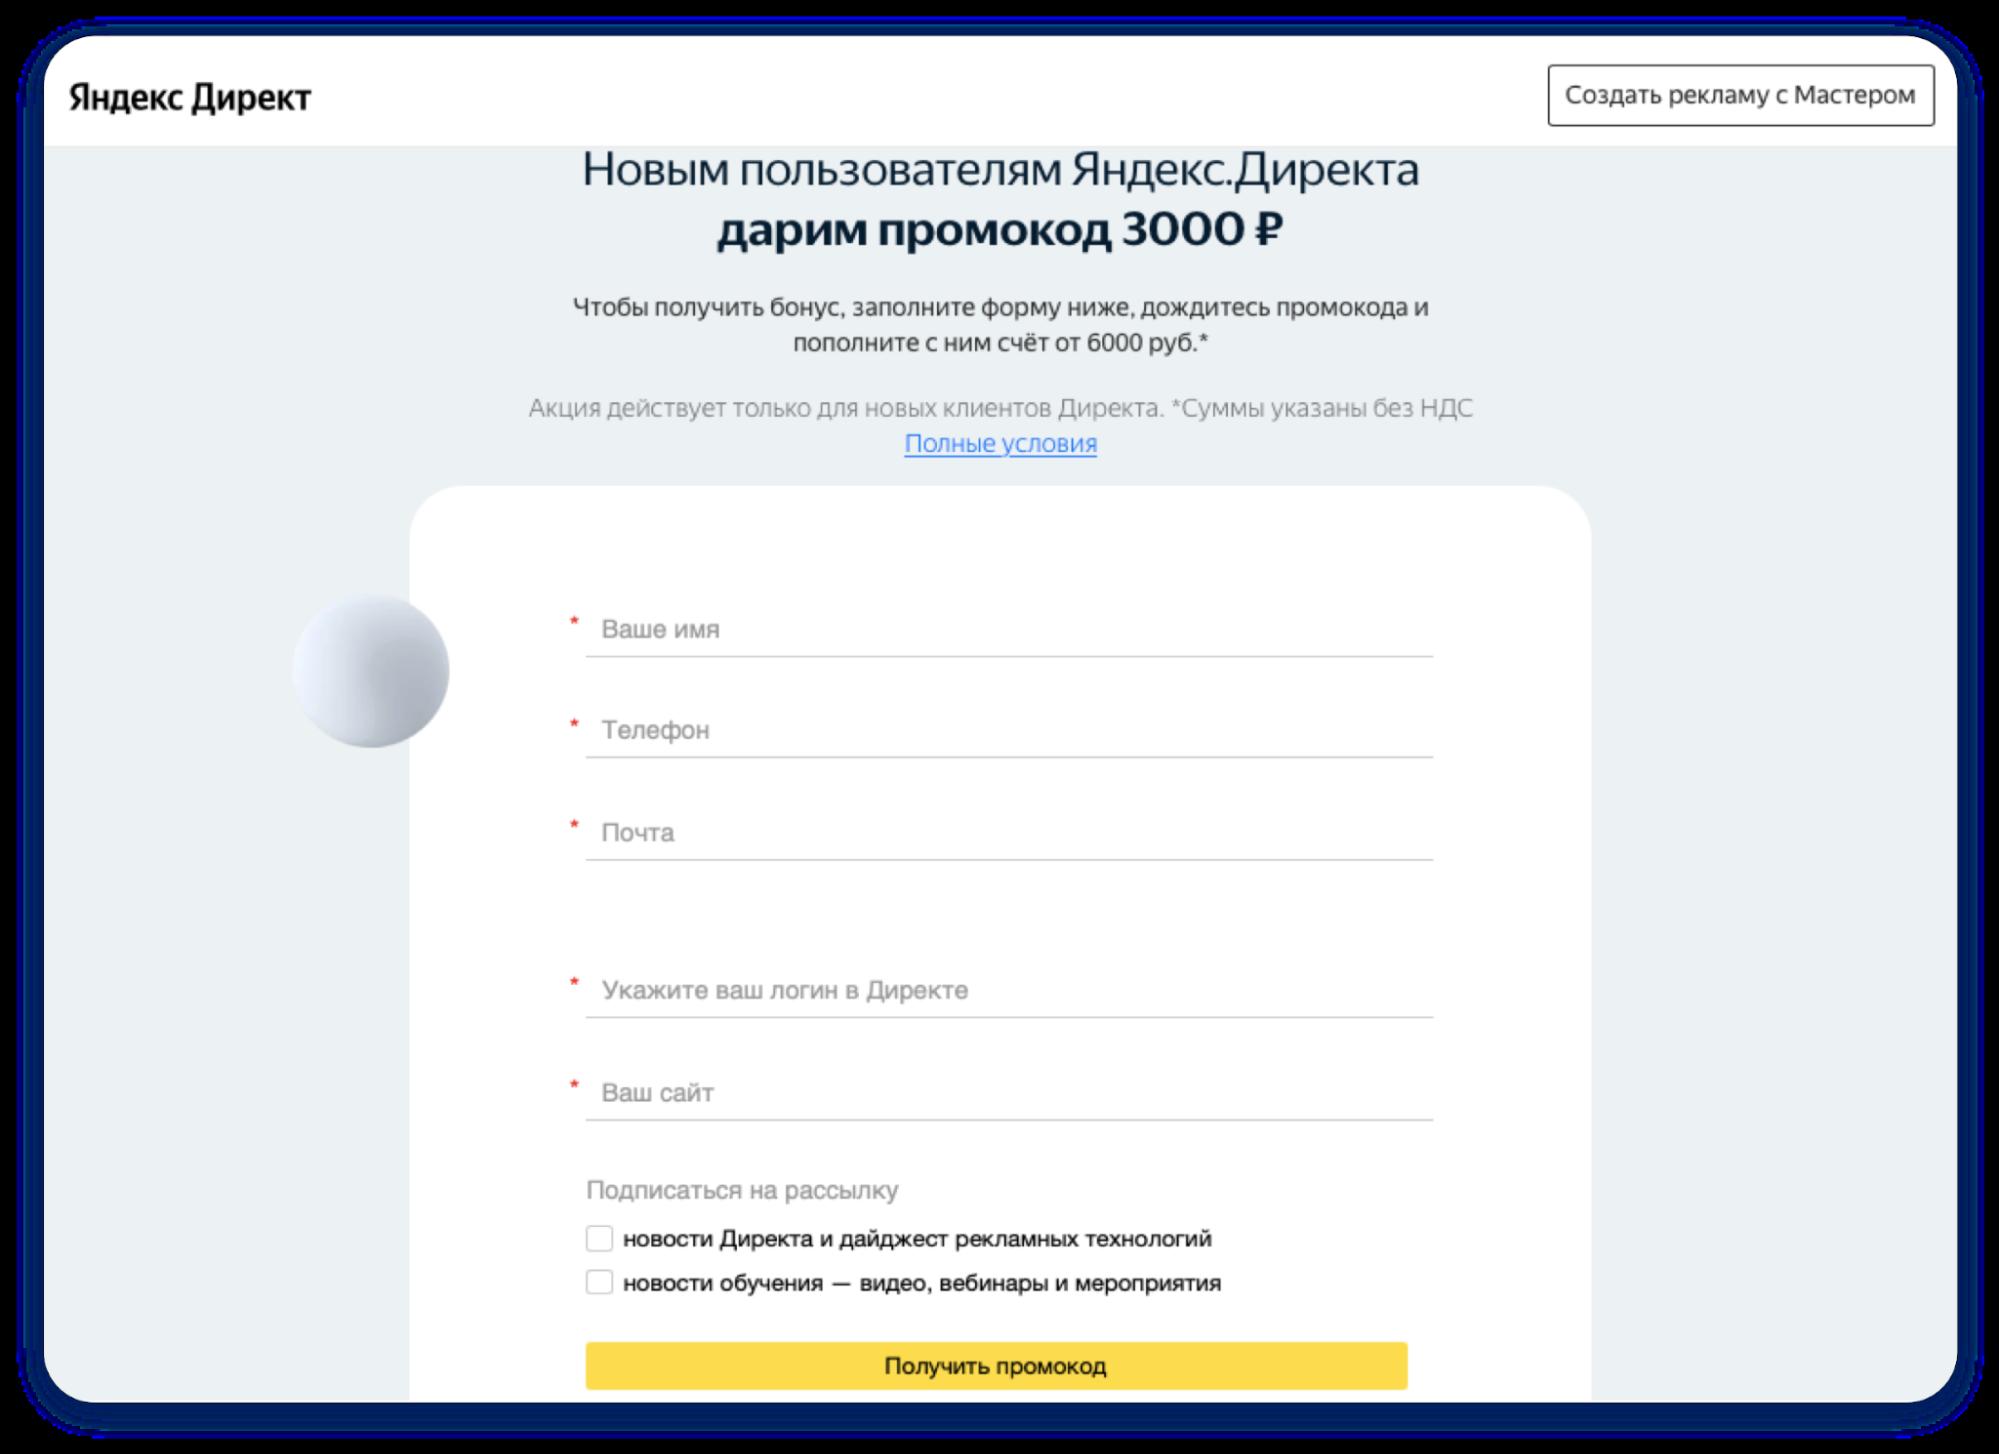 Как настроить Мастер кампаний в Яндекс Директ: шаг 2